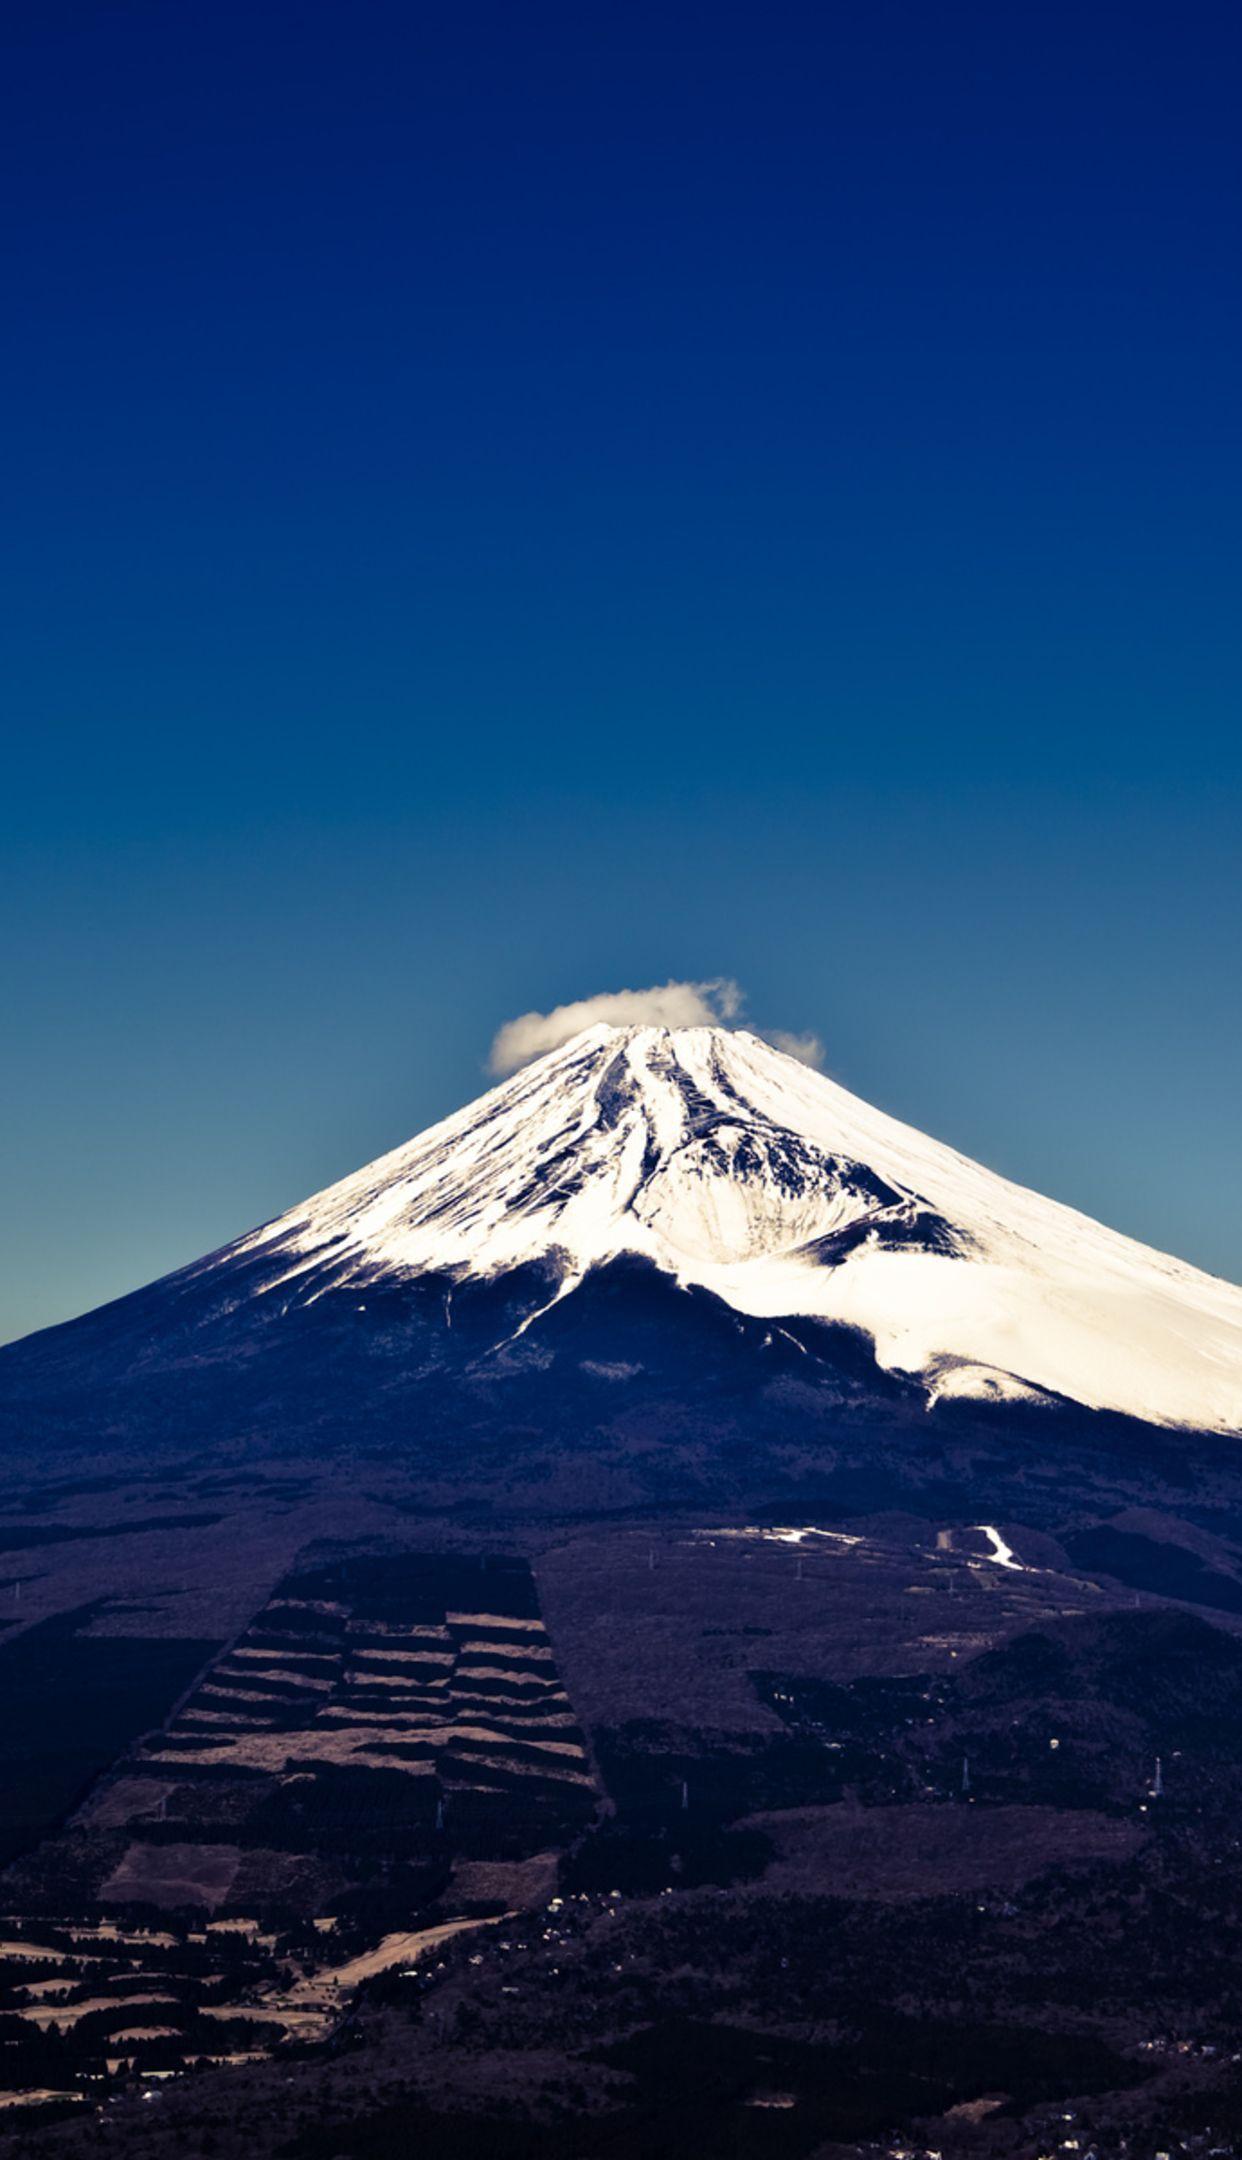 Mount Fuji Wallpaper 1242x2208